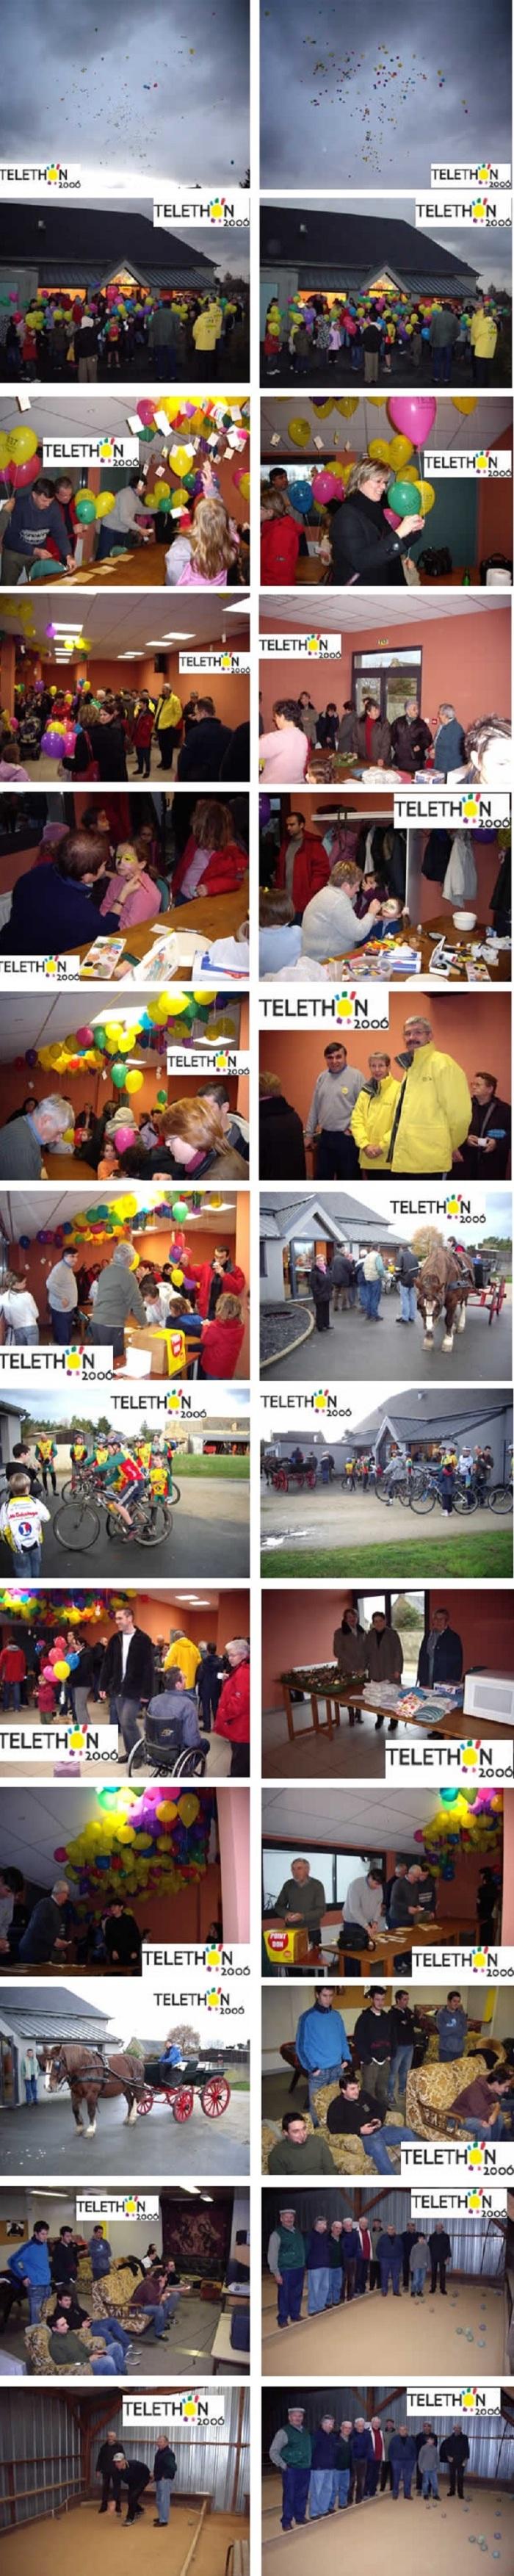 page_telethon_2006_photos